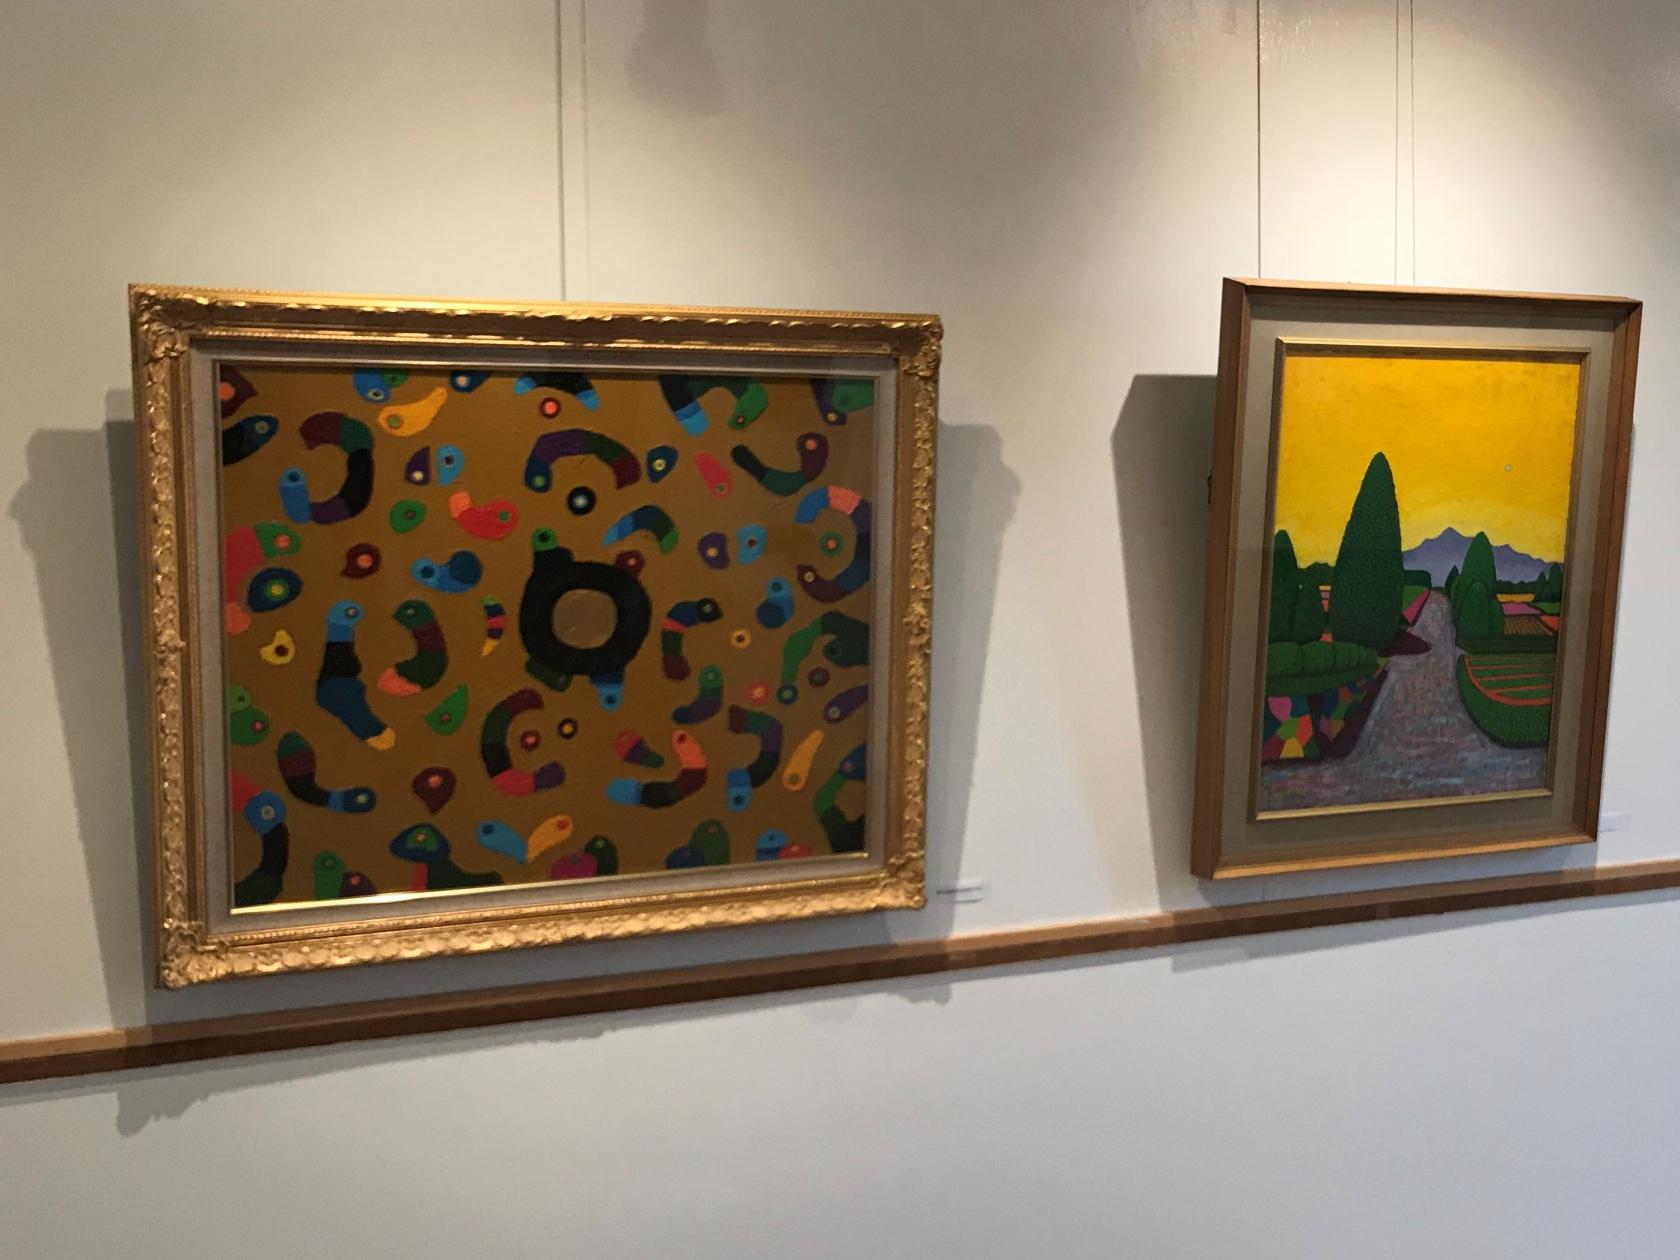 湘南希望の郷から「石原生美夫作品展」のご案内です。